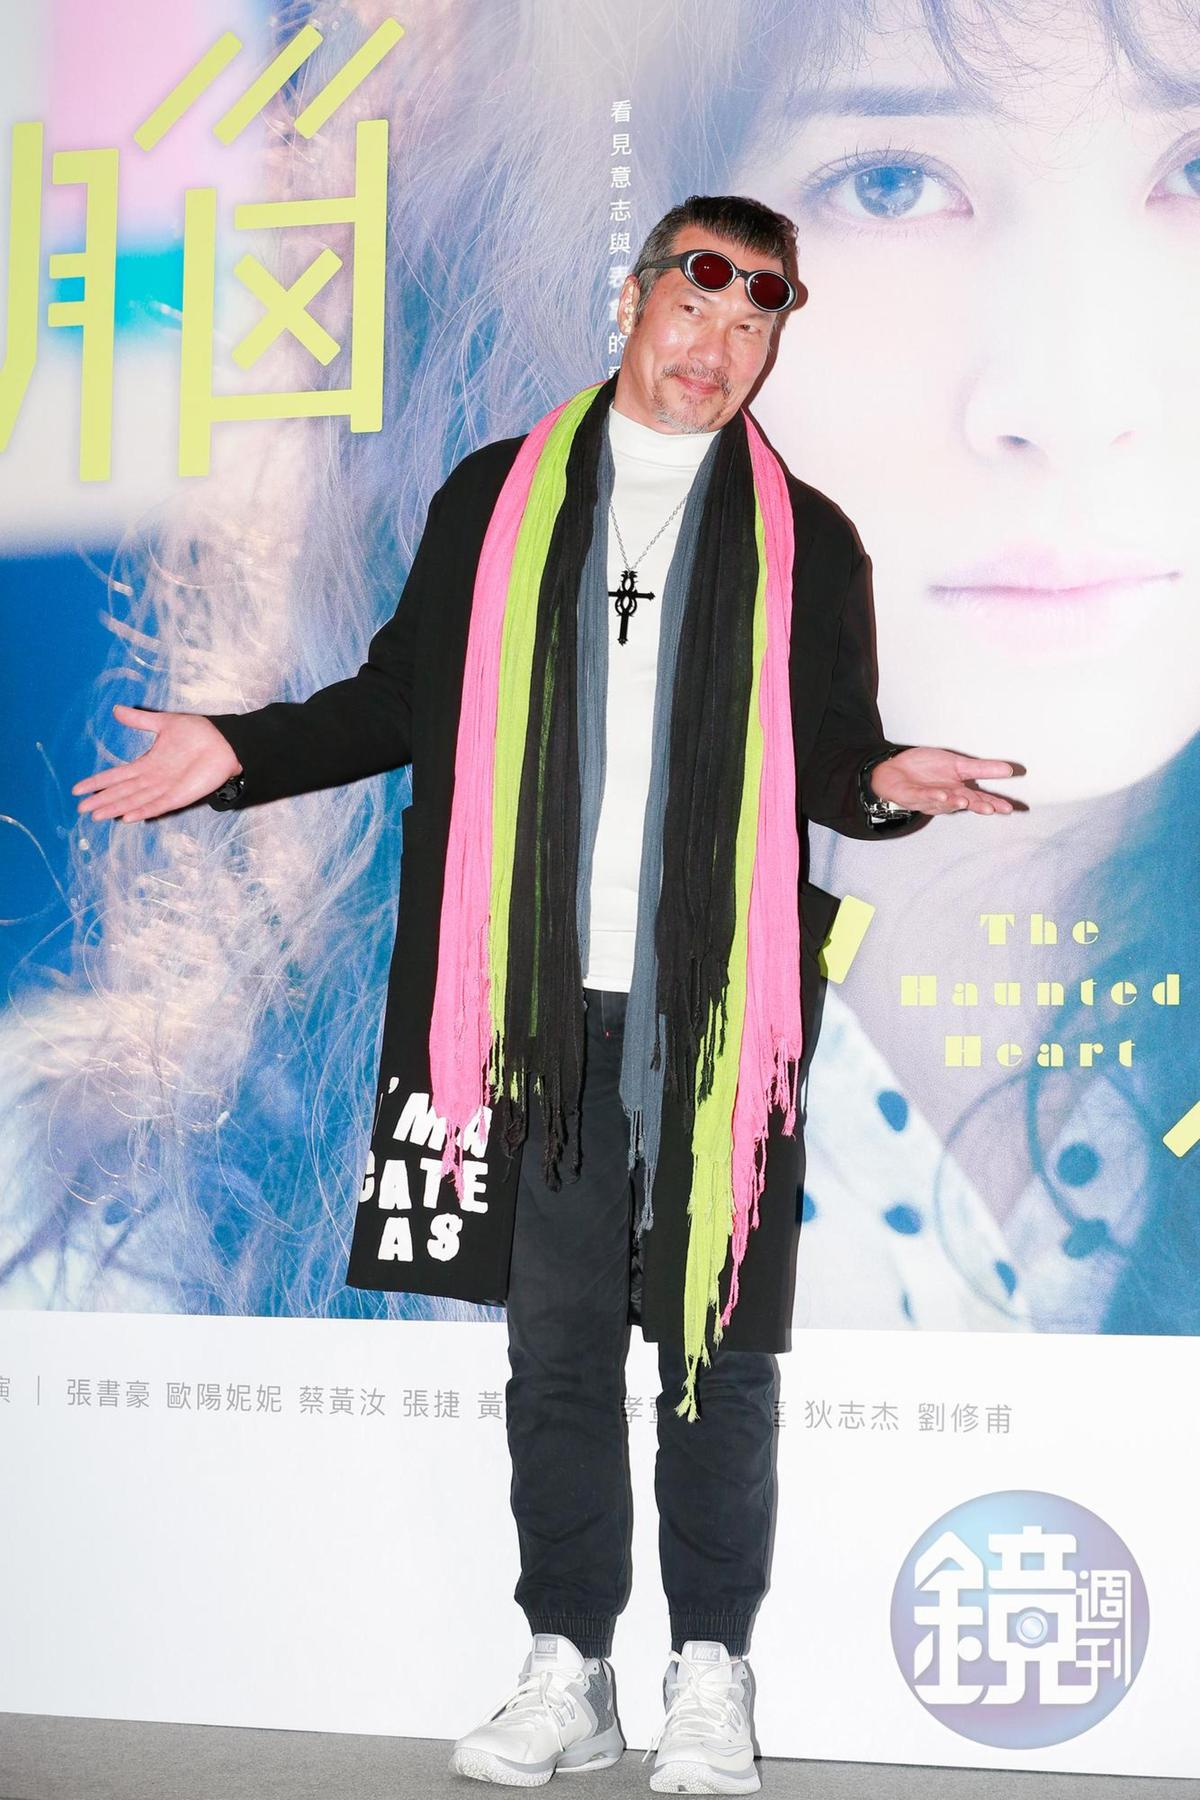 黃仲崑表示能跟一班年輕藝人合作感到很開心,也讓自己變得年輕很快樂。